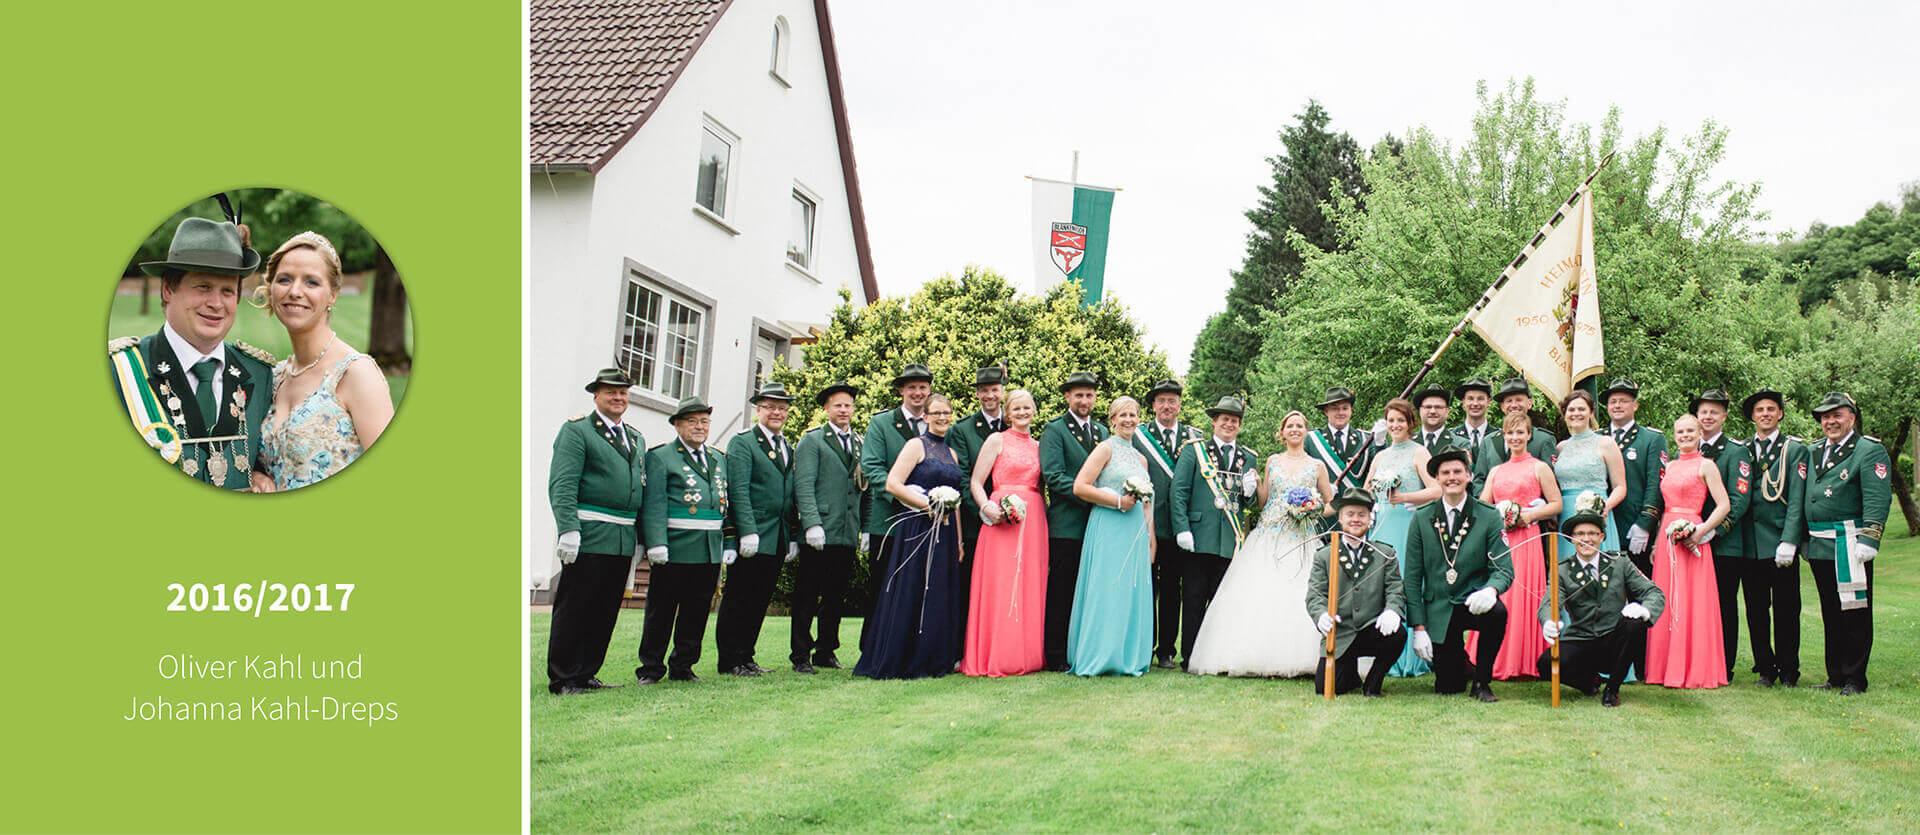 2016_2017_Olliver-Kahl-und-Johanna-Karl-Dreps